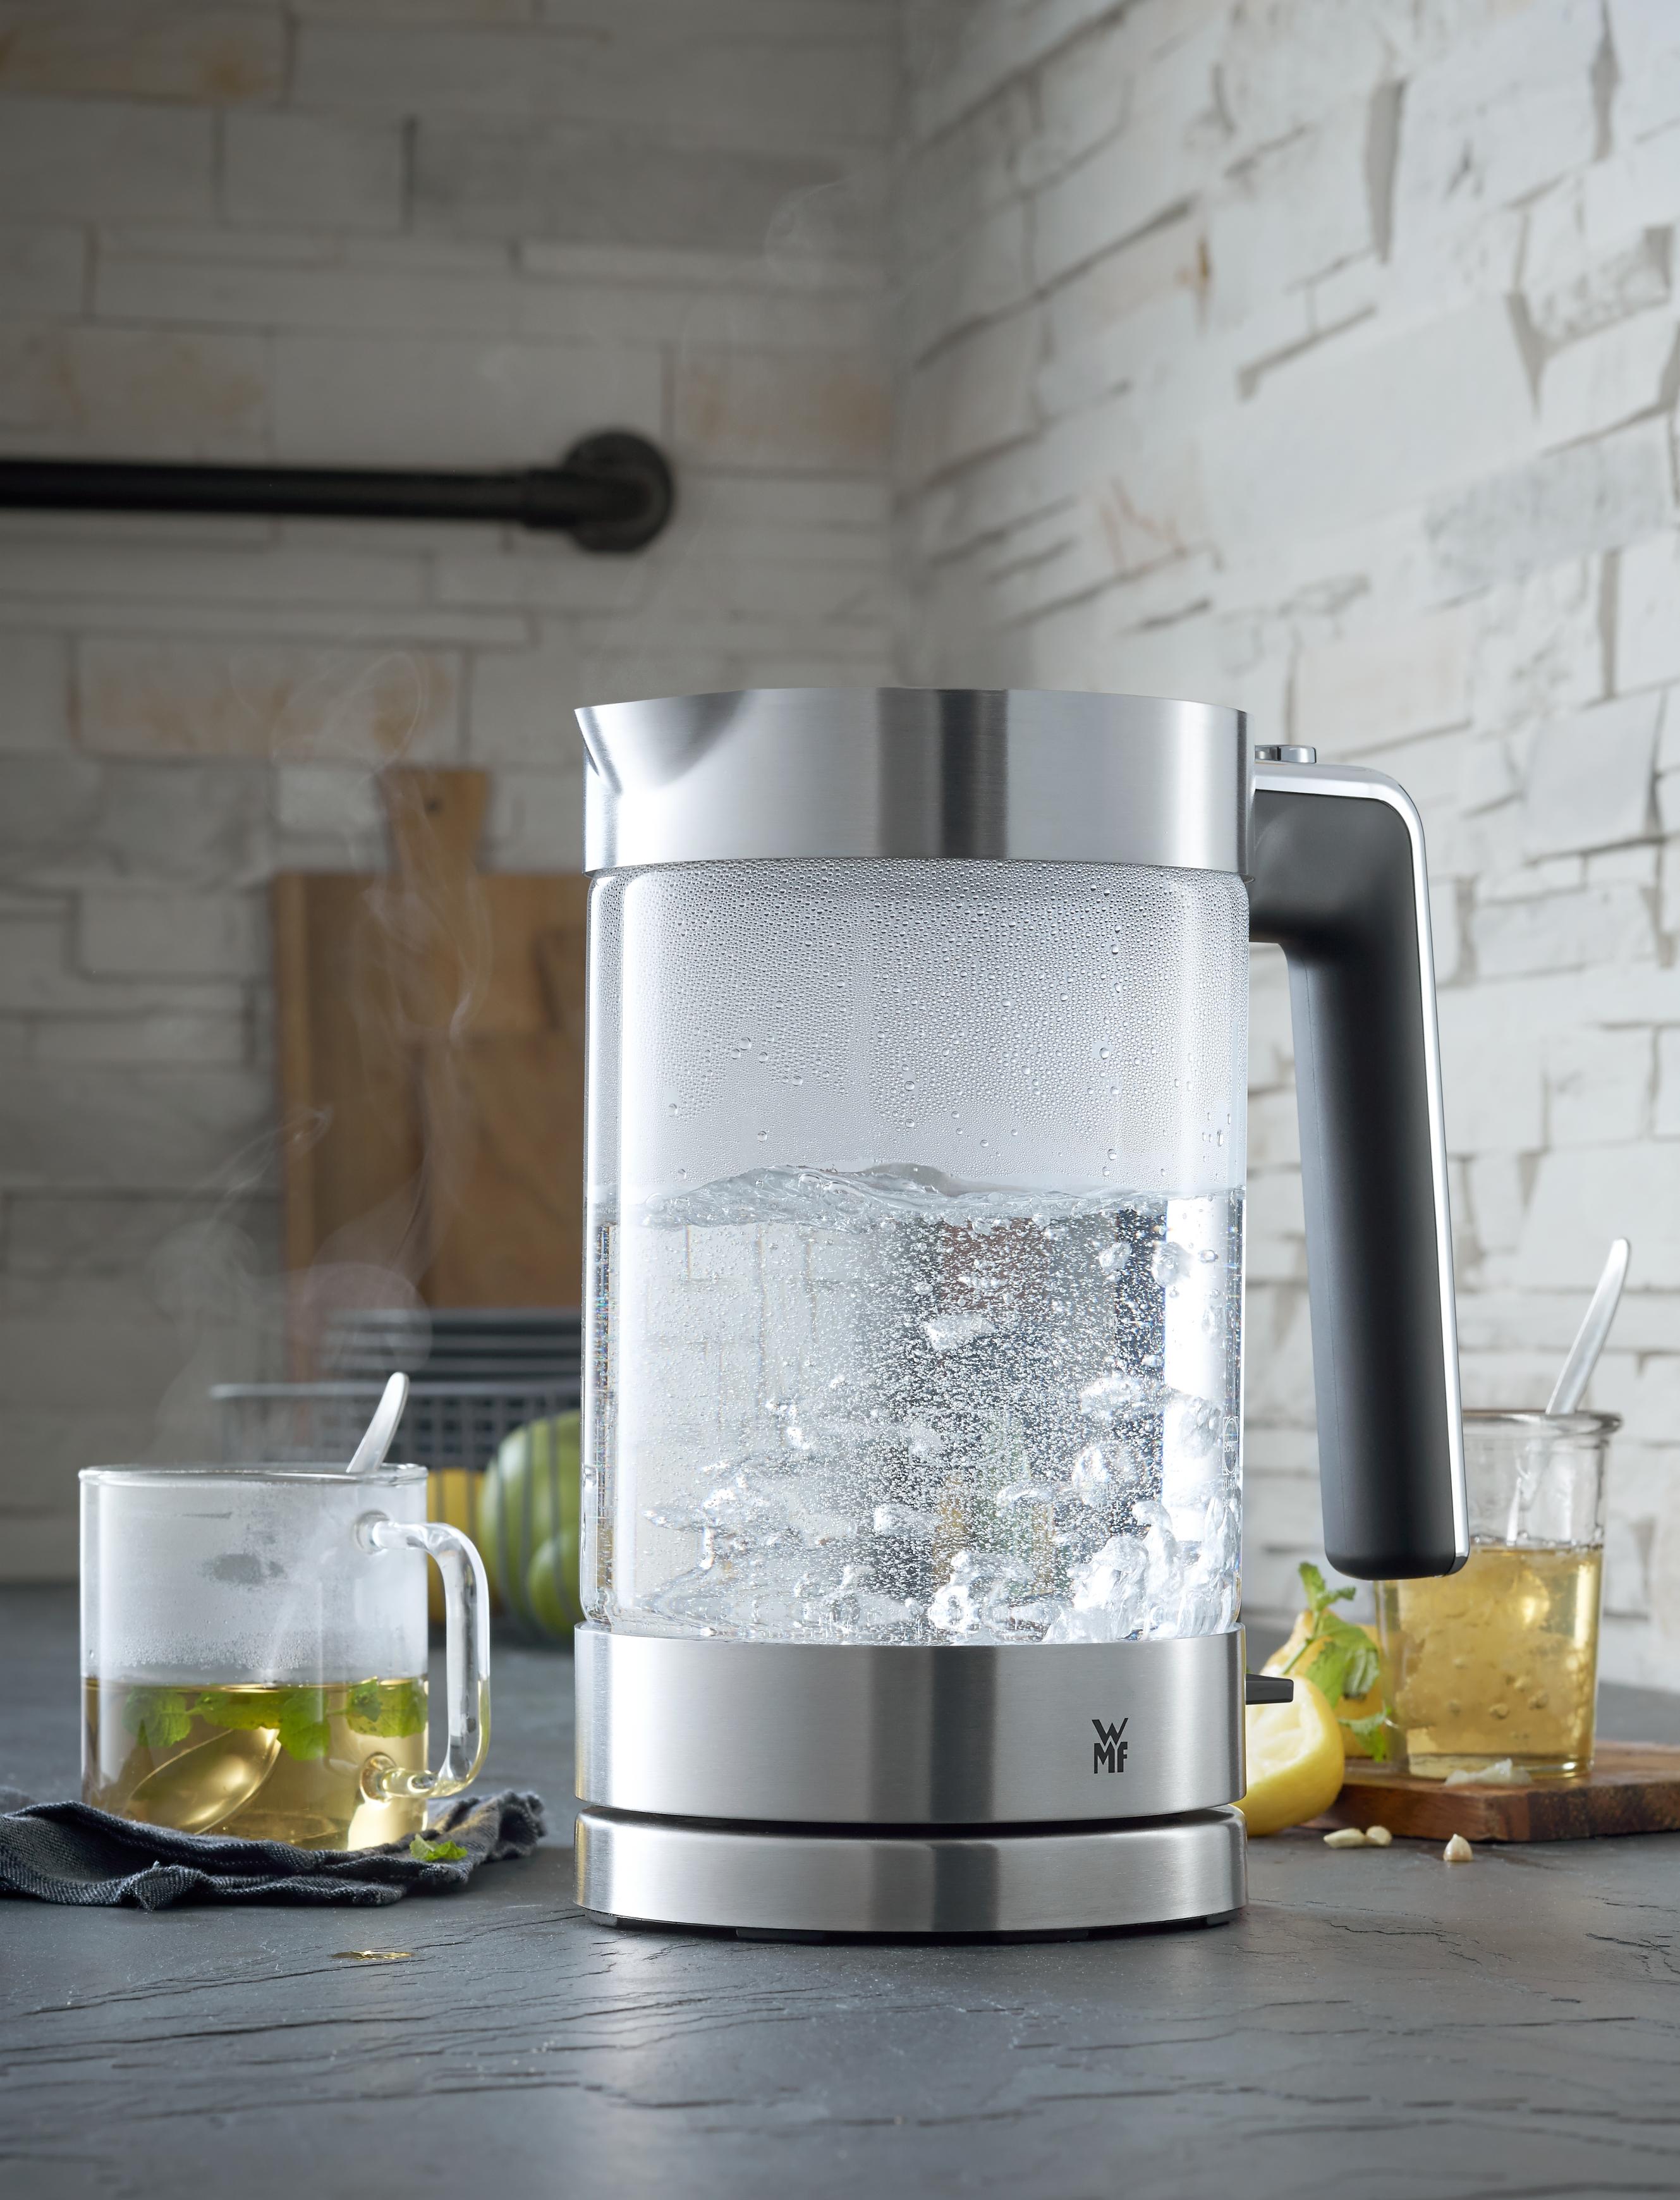 Güçlü motoru ve yüksek kapasitesi ile mutfağınızın şık yardımcısı.